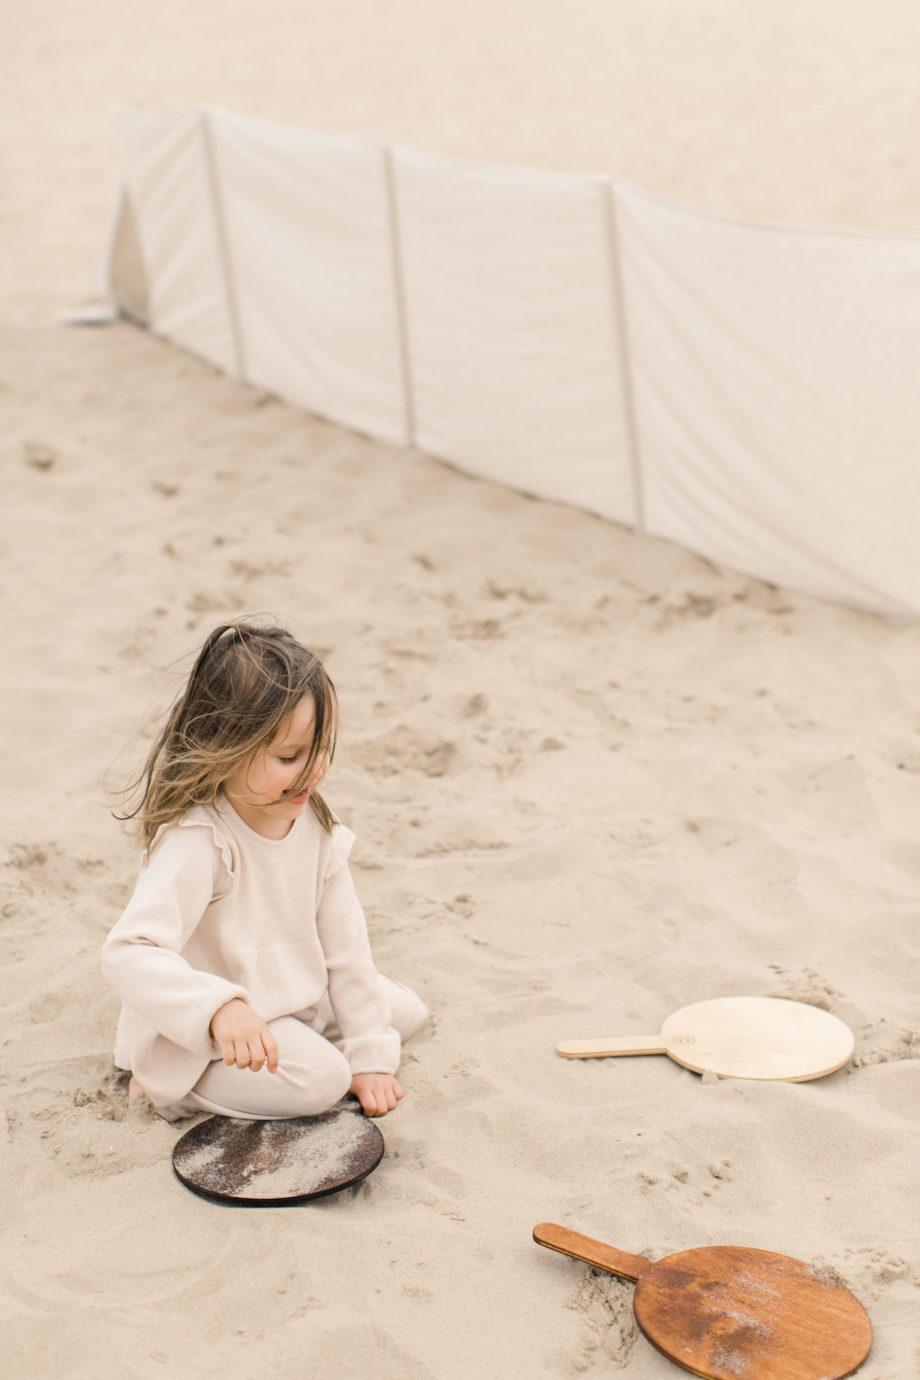 drewniane paletki na plażę, drewniane zabawki na plażę